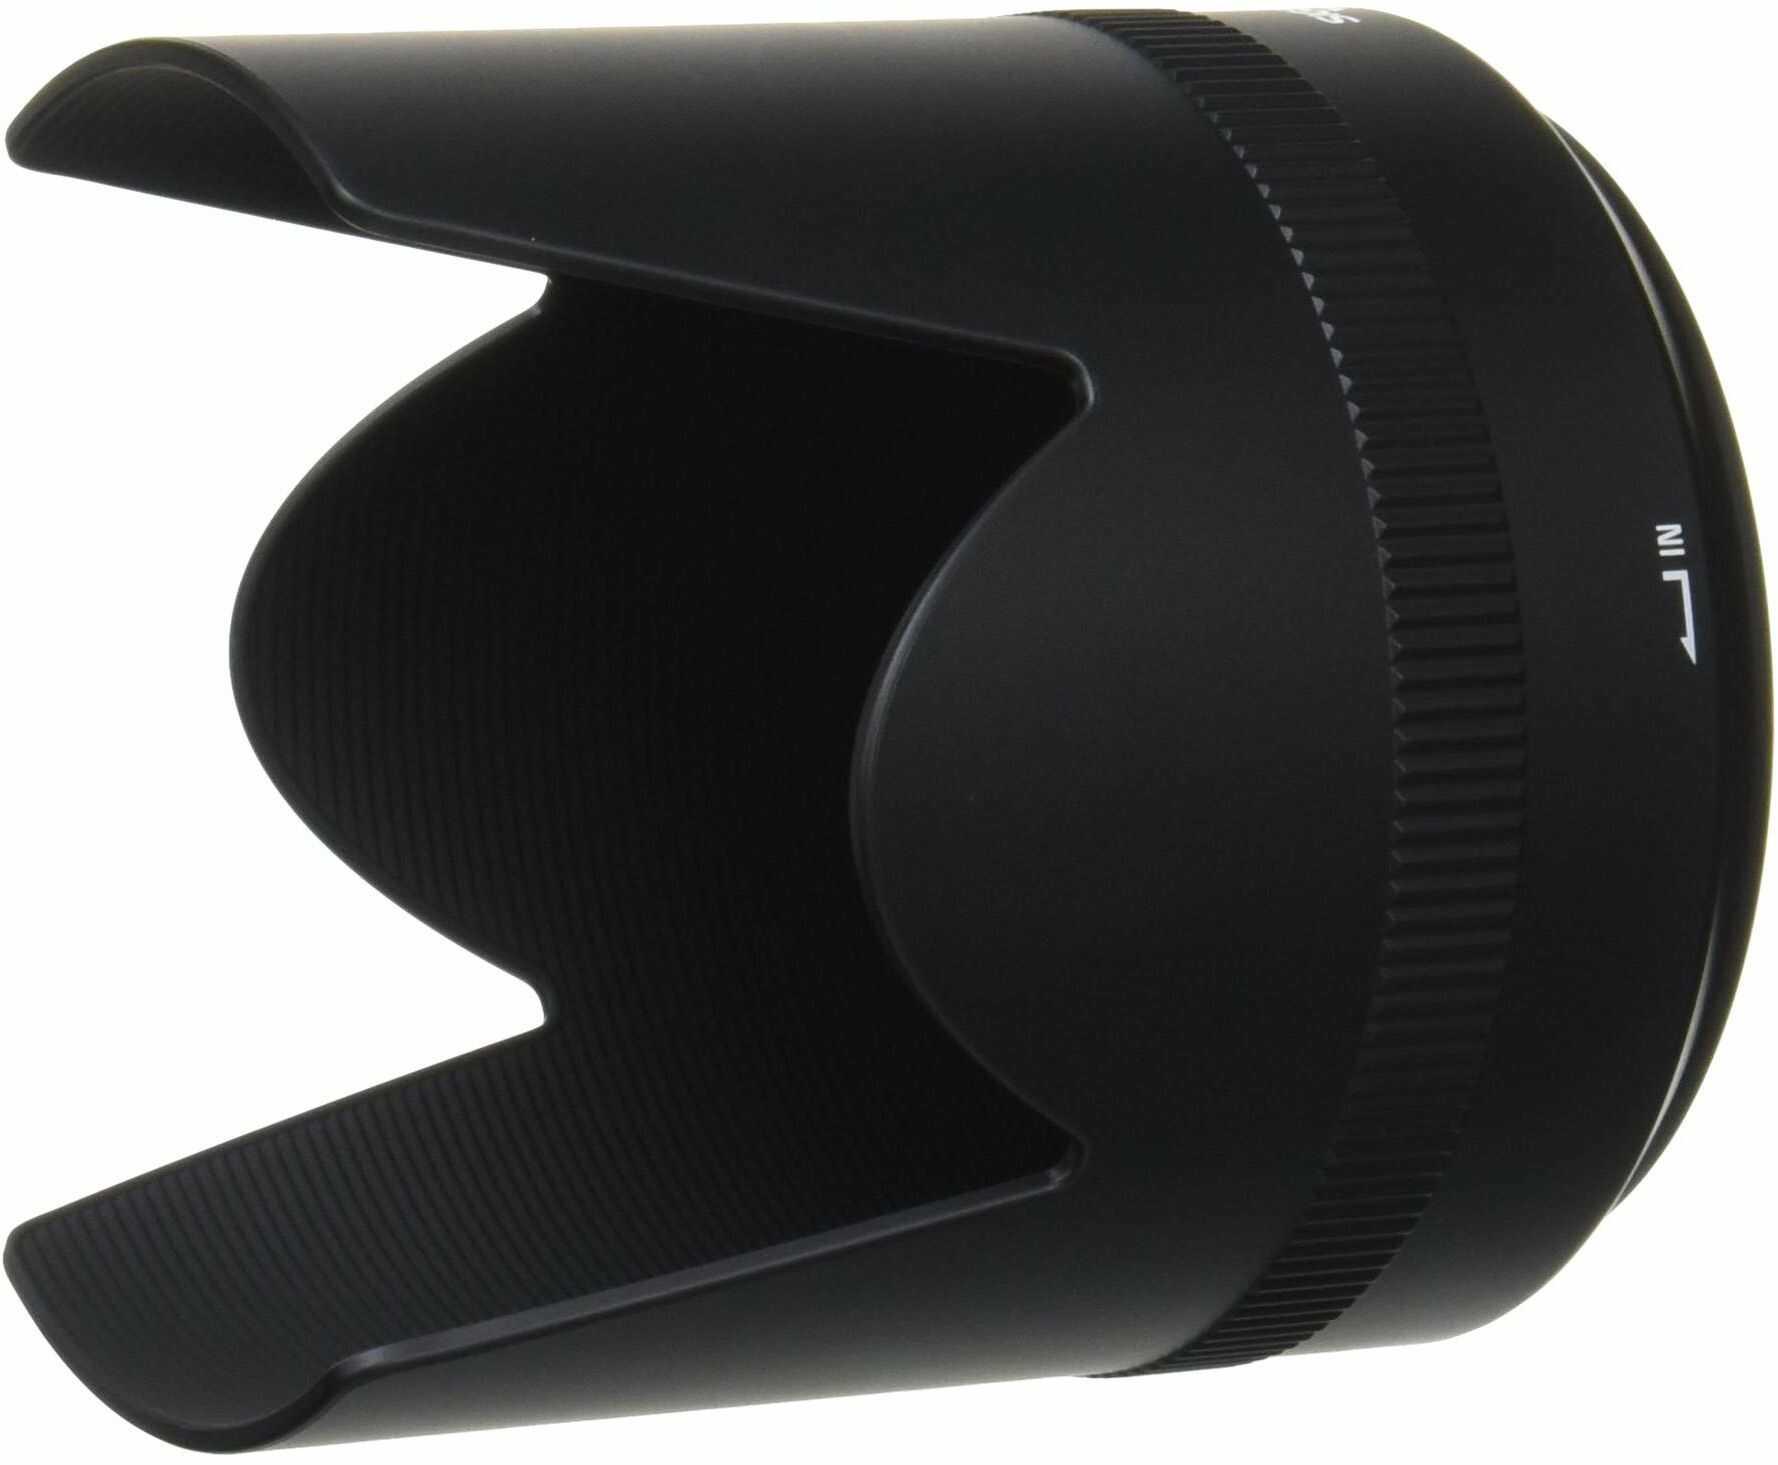 Sigma Osłona przeciwsłoneczna (70-200 mm F2,8/50-150 mm obiektyw F2,8 do DG OS/DC OS LH850-02)